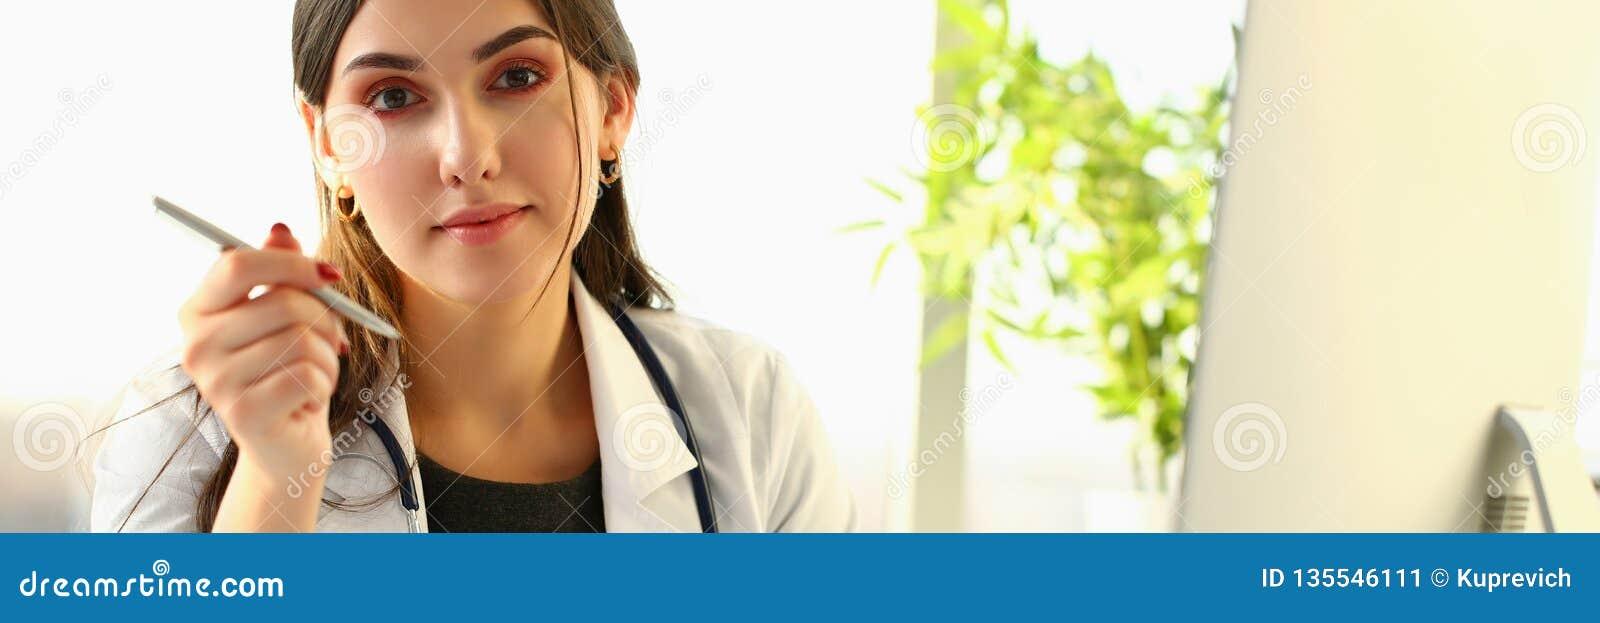 Schöne lächelnde Ärztin am Arbeitsplatzporträt